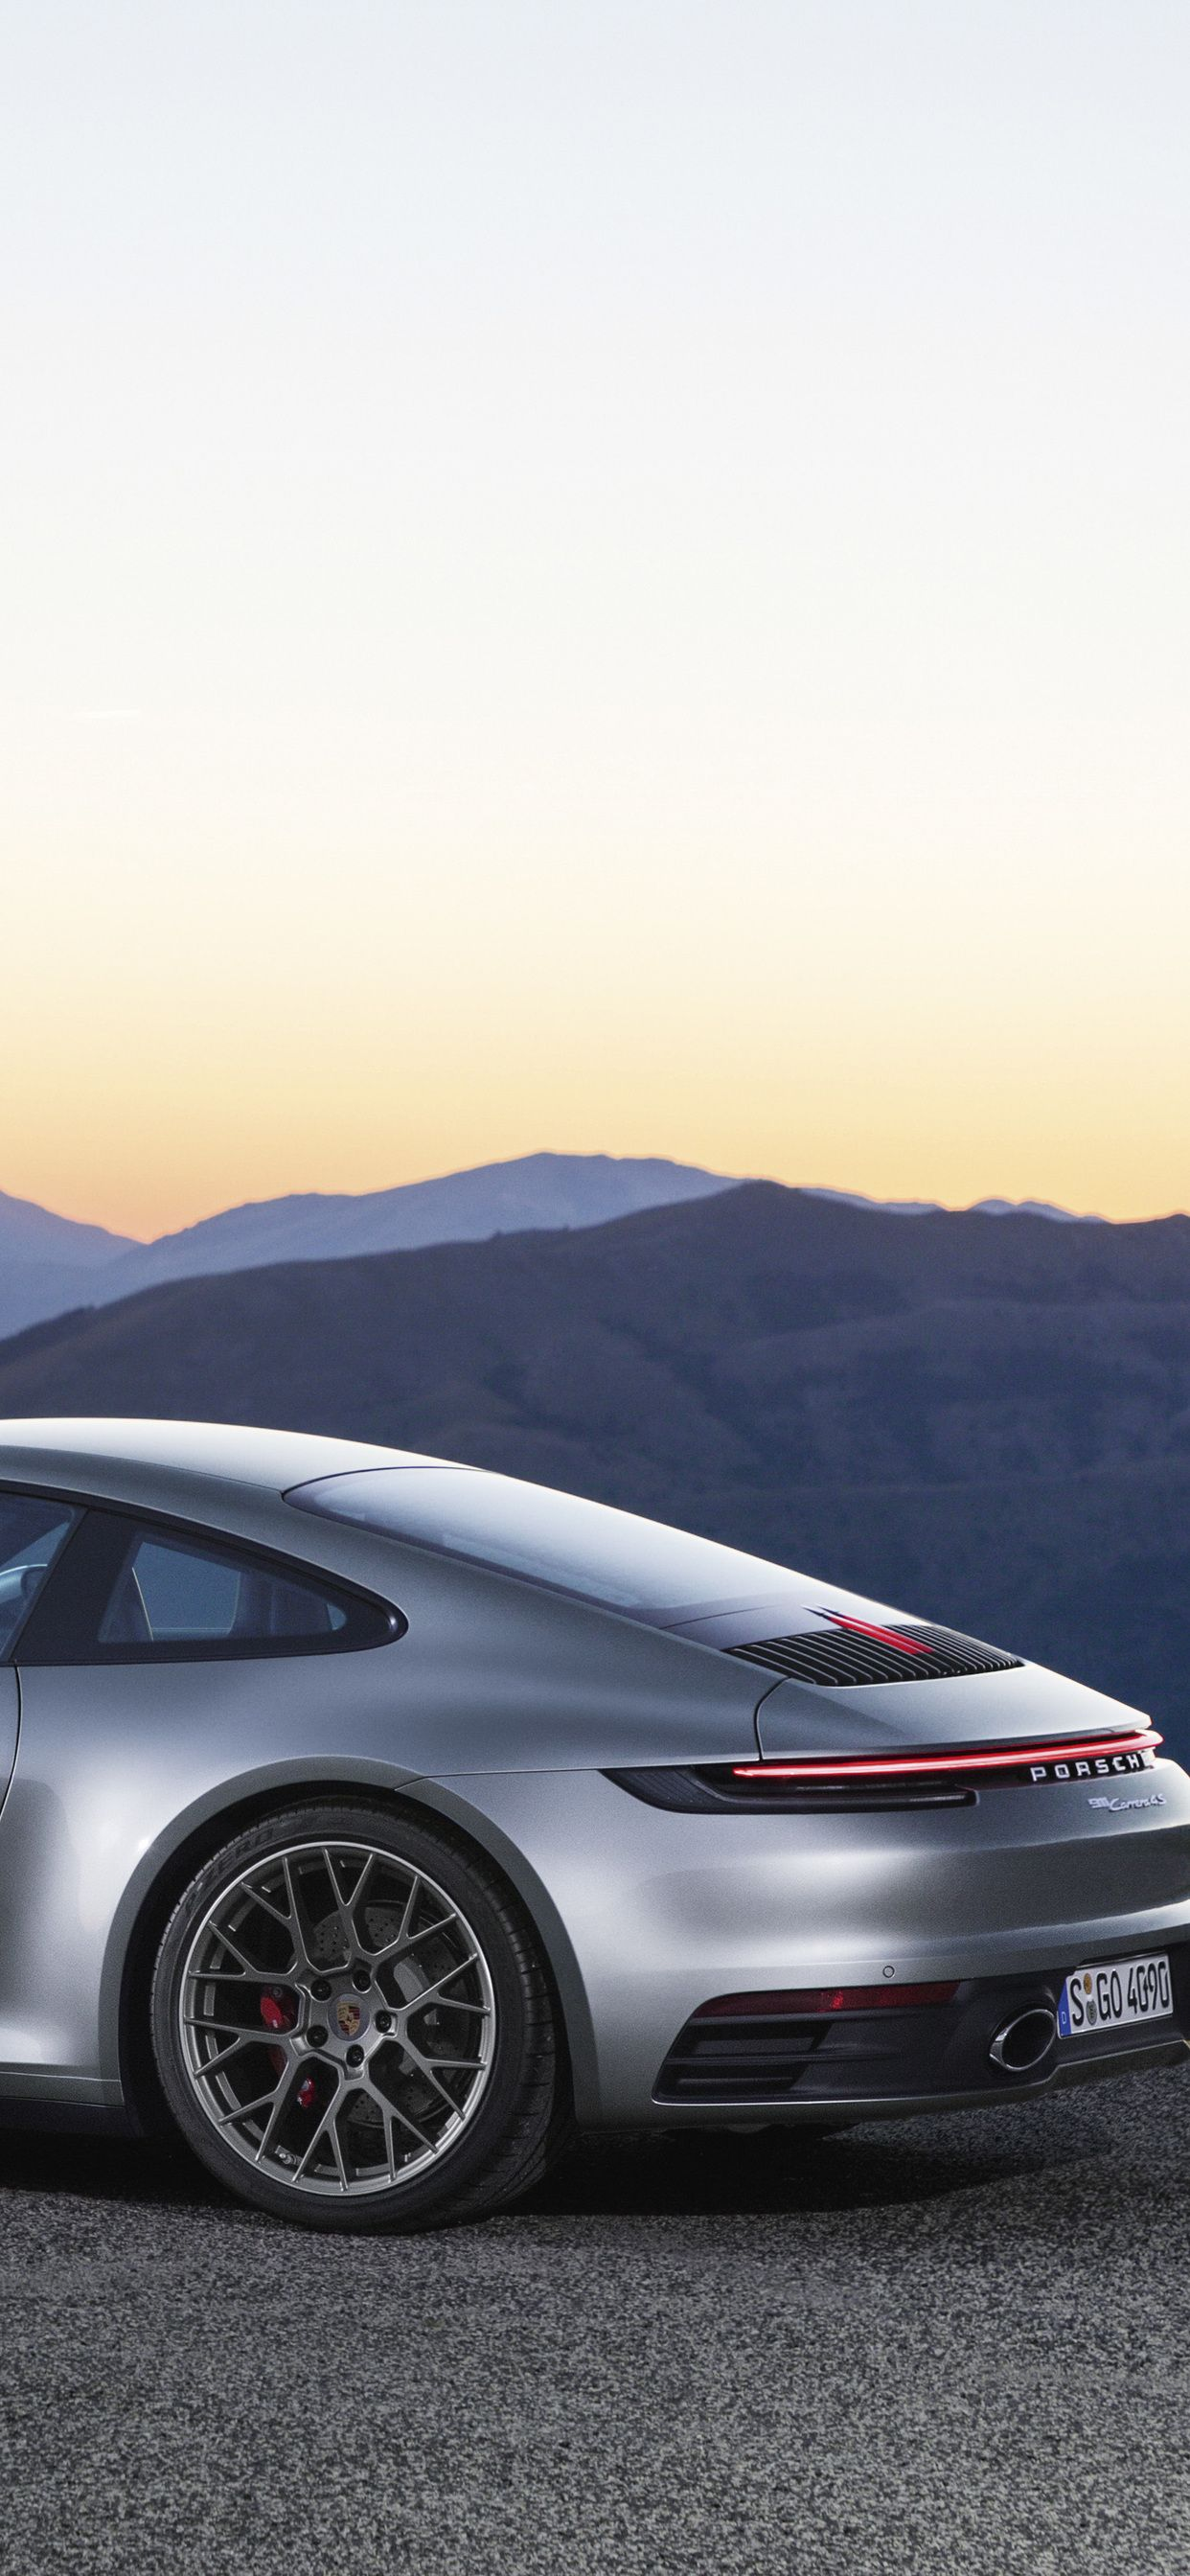 Porsche Iphone Wallpapers Top Free Porsche Iphone